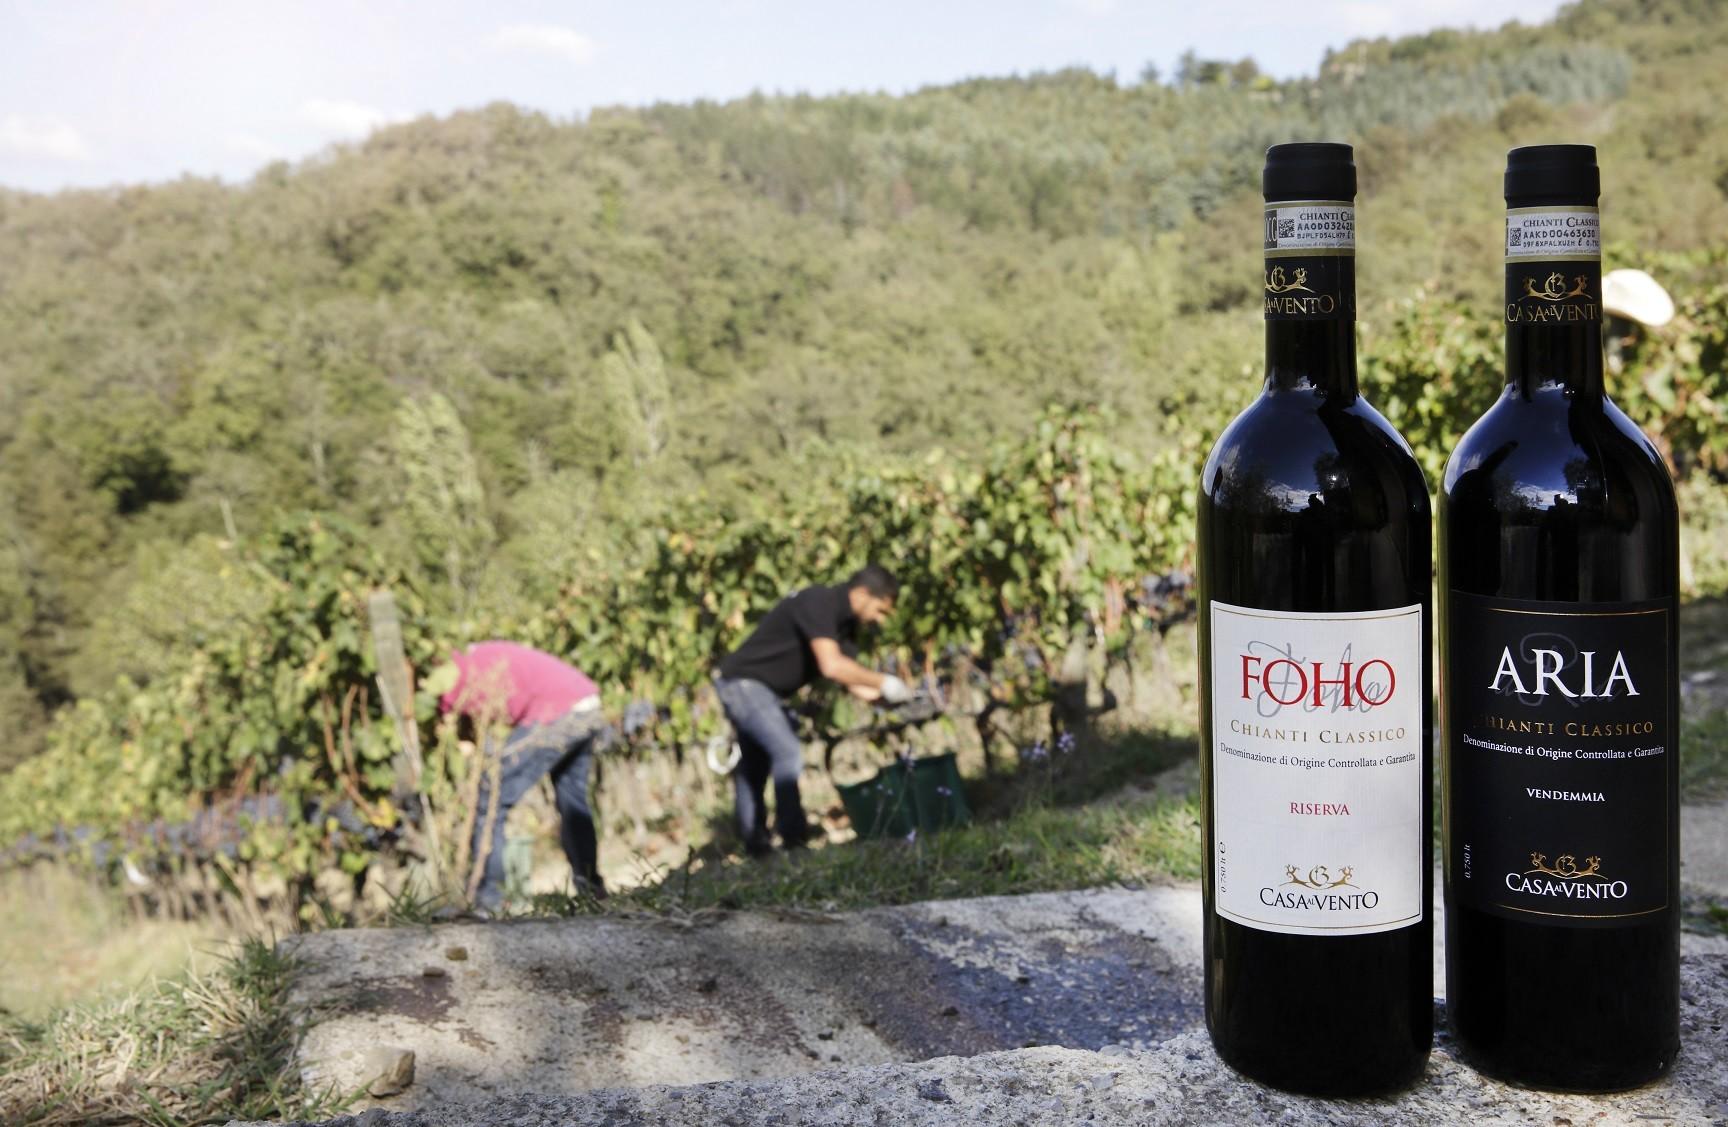 Degustazione di vini in Toscana nell'area del Chianti